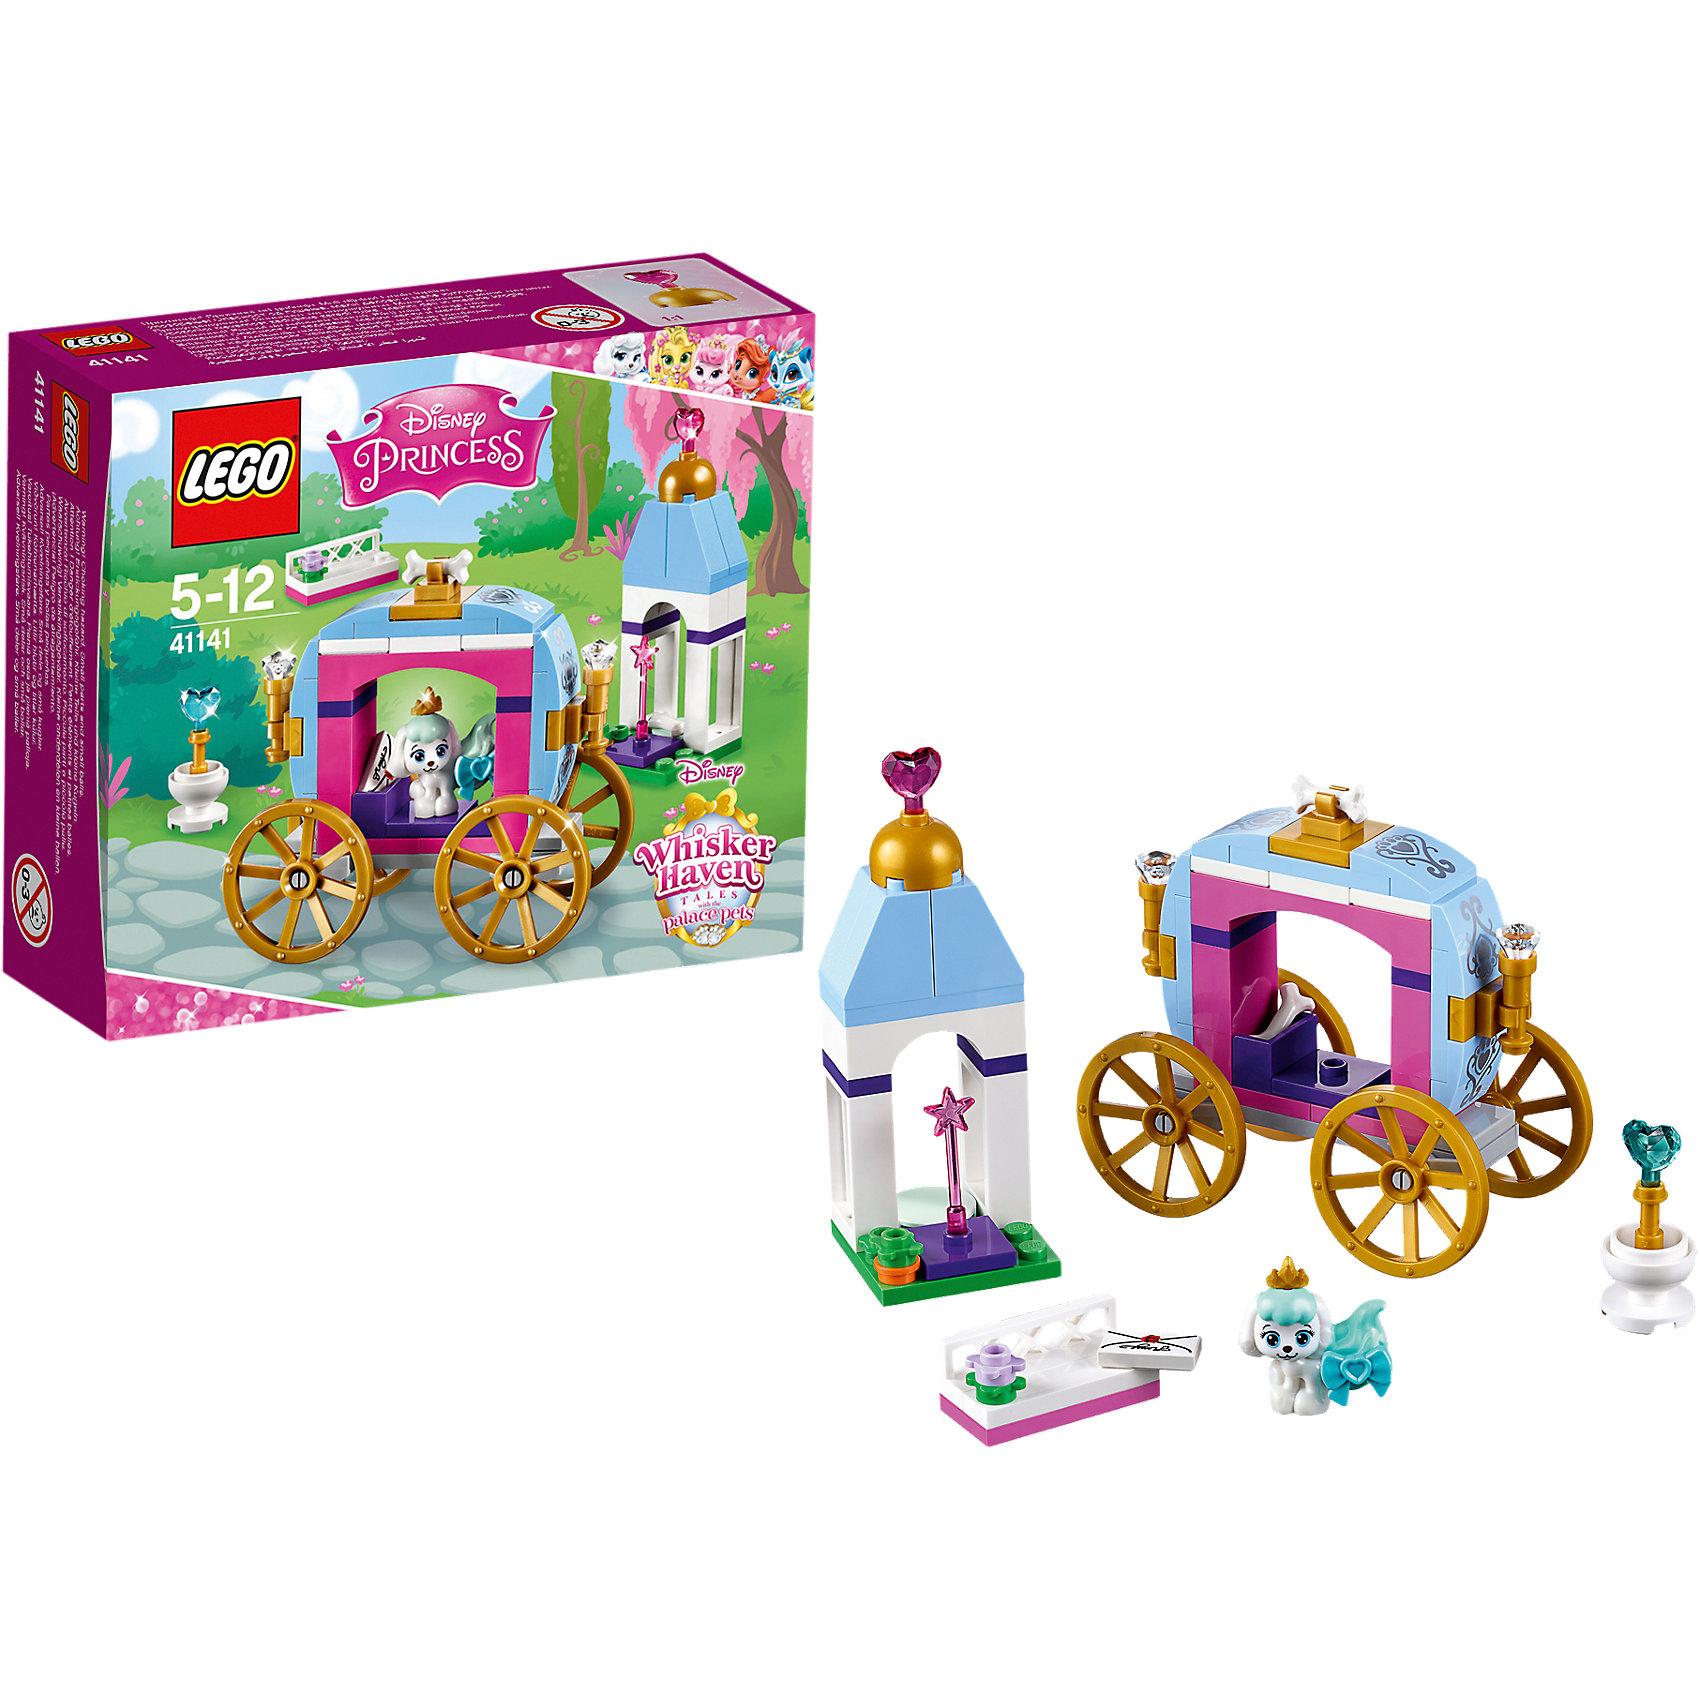 LEGO Disney Princesses 41141: Королевские питомцы: ТыковкаLEGO Принцессы Дисней 41141: Королевские питомцы: Тыковка непременно понравится всем юным поклонницам диснеевских волшебных сказок. Из деталей набора можно собрать роскошную розово-голубую карету и башню замка и отправить милую собачку Тыковку на бал. Тыковка - любимый питомец Золушка, как и ее хозяйка, очаровательная собачка мечтает проехаться в волшебной карете и, конечно же, потанцевать на королевском балу. Все детали выполнены из высококачественного пластика и прекрасно дополнят любой набор аналогичной серии. <br><br>Серия конструкторов Lego Disney Princess создана специально для девочек и посвящена принцессам из мультфильмов Диснея. Наборы состоят из деталей необычных ярких расцветок, красивых миникуколок и множества сказочных аксессуаров.<br><br>Дополнительная информация:<br><br>- Игра с конструктором LEGO (ЛЕГО) развивает мелкую моторику ребенка, фантазию и воображение, учит его усидчивости и внимательности.<br>- Количество деталей: 79.<br>- Количество минифигур: 1 (щенок Тыковка).<br>- Серия: LEGO Disney Princess (ЛЕГО Принцессы Дисней).<br>- Материал: пластик.<br>- Размер упаковки: 14 х 5 х 12 см.<br>- Вес: 0,12 кг.<br><br>LEGO Принцессы Дисней 41141: Королевские питомцы: Тыковка можно купить в нашем интернет-магазине.<br><br>Ширина мм: 141<br>Глубина мм: 123<br>Высота мм: 49<br>Вес г: 105<br>Возраст от месяцев: 60<br>Возраст до месяцев: 144<br>Пол: Женский<br>Возраст: Детский<br>SKU: 4259089